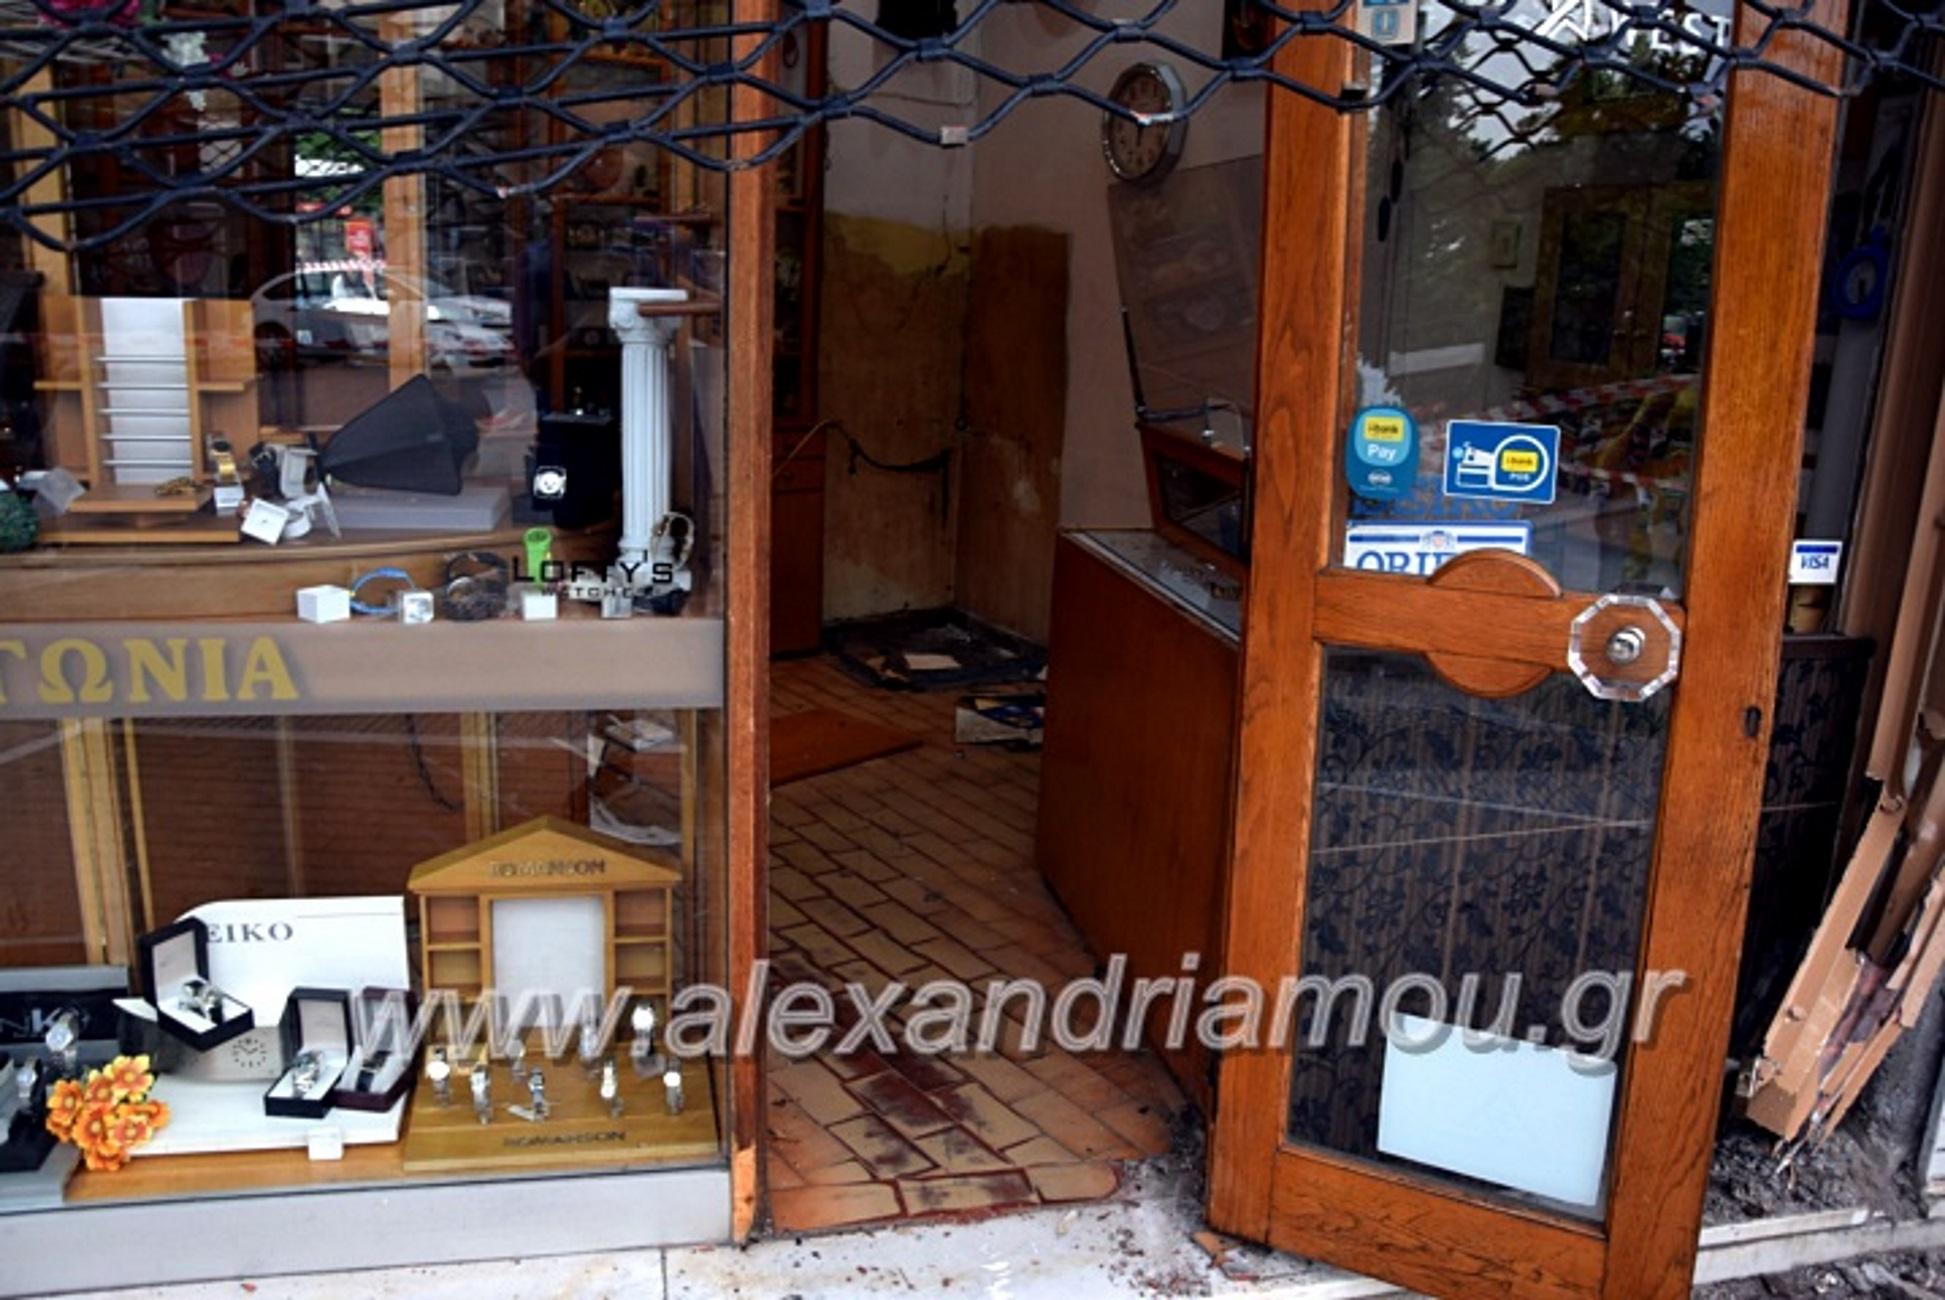 Ημαθία: Χρυσή διάρρηξη σε κοσμηματοπωλείο! 7 κουκουλοφόροι βούτηξαν το χρηματοκιβώτιο (Βίντεο)